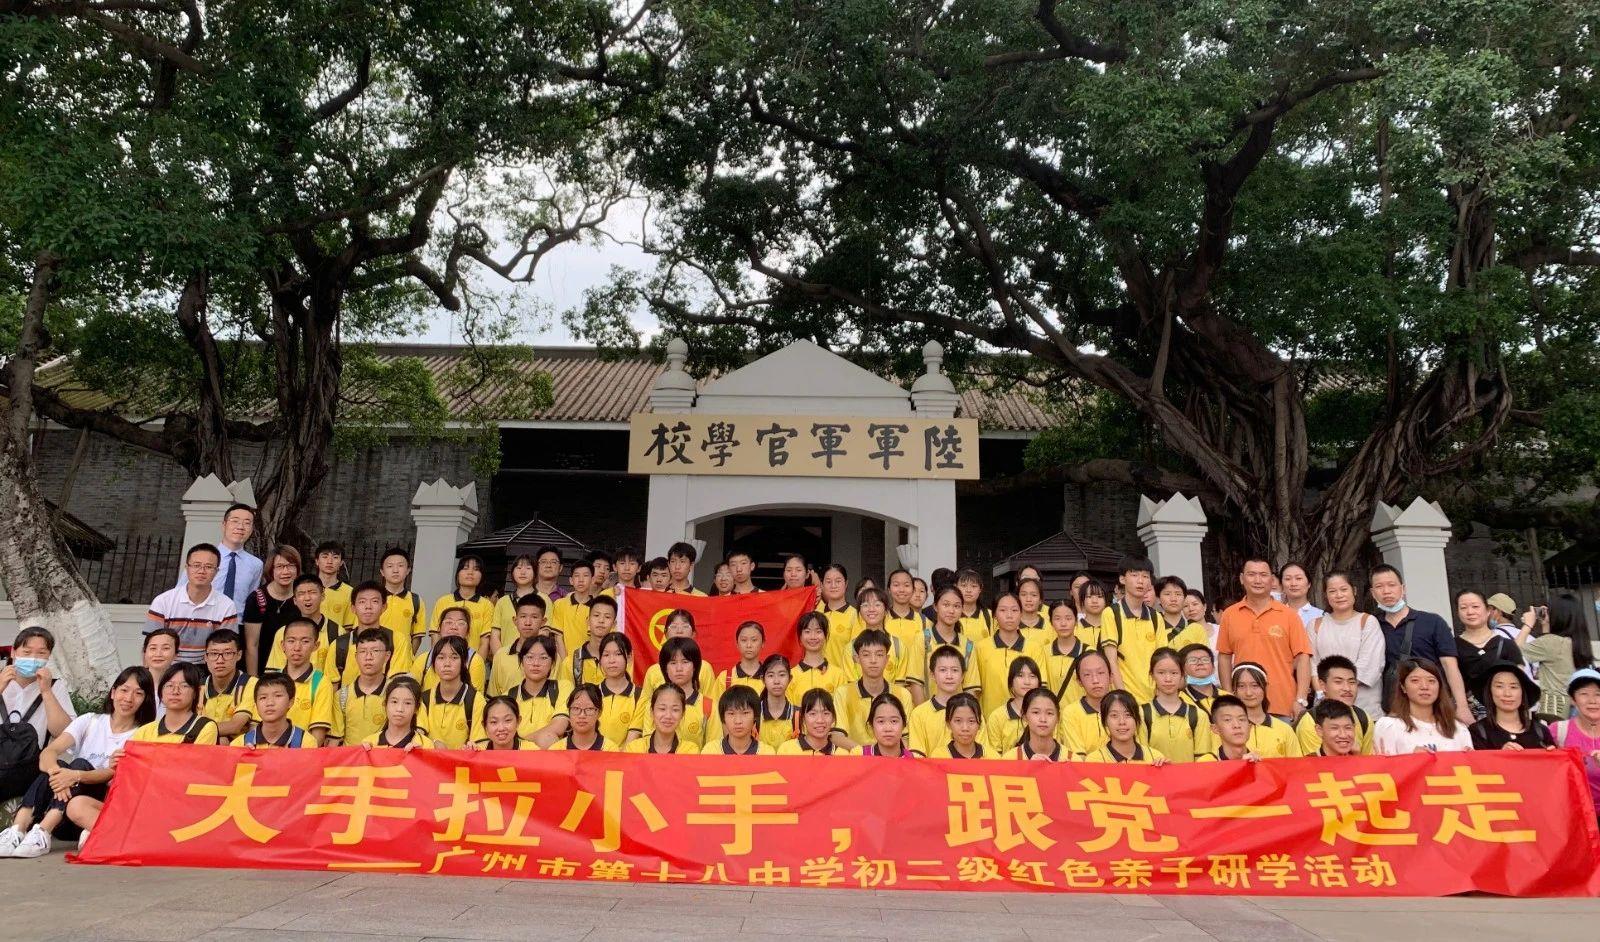 在黄埔军校,18中同学度过了难忘的五四青年节